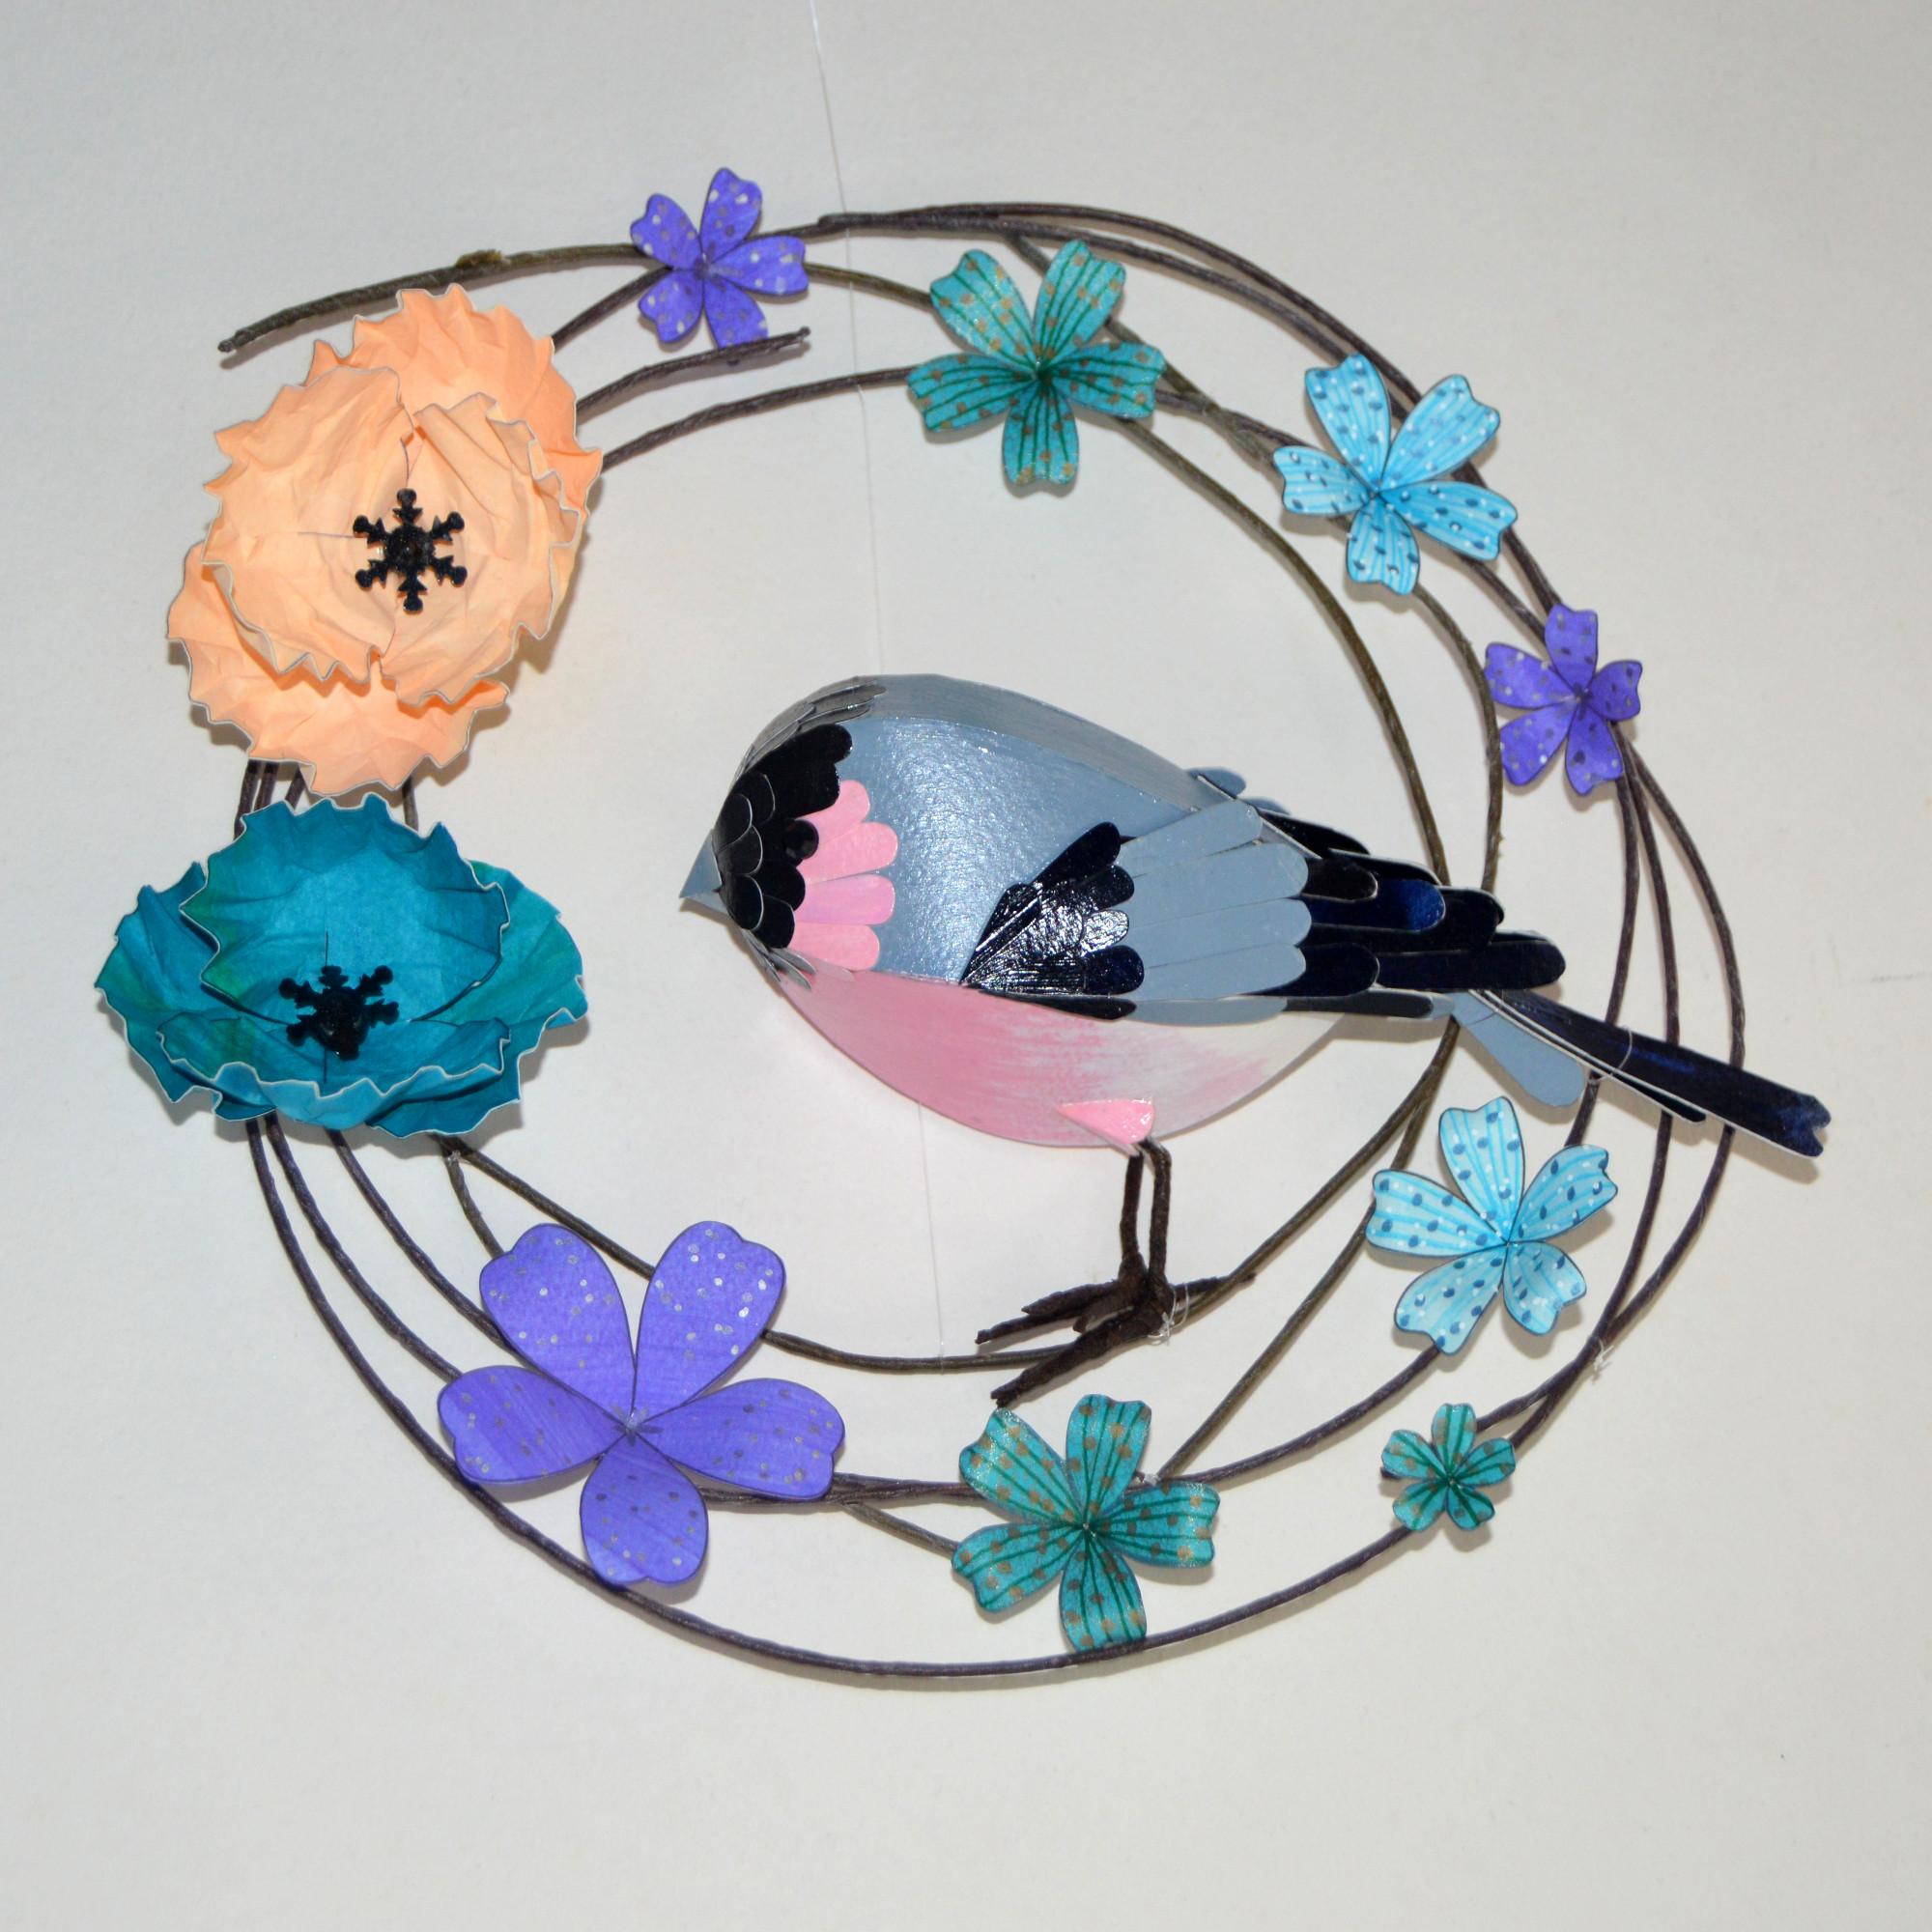 Stan the bullfinch on his floral hoop